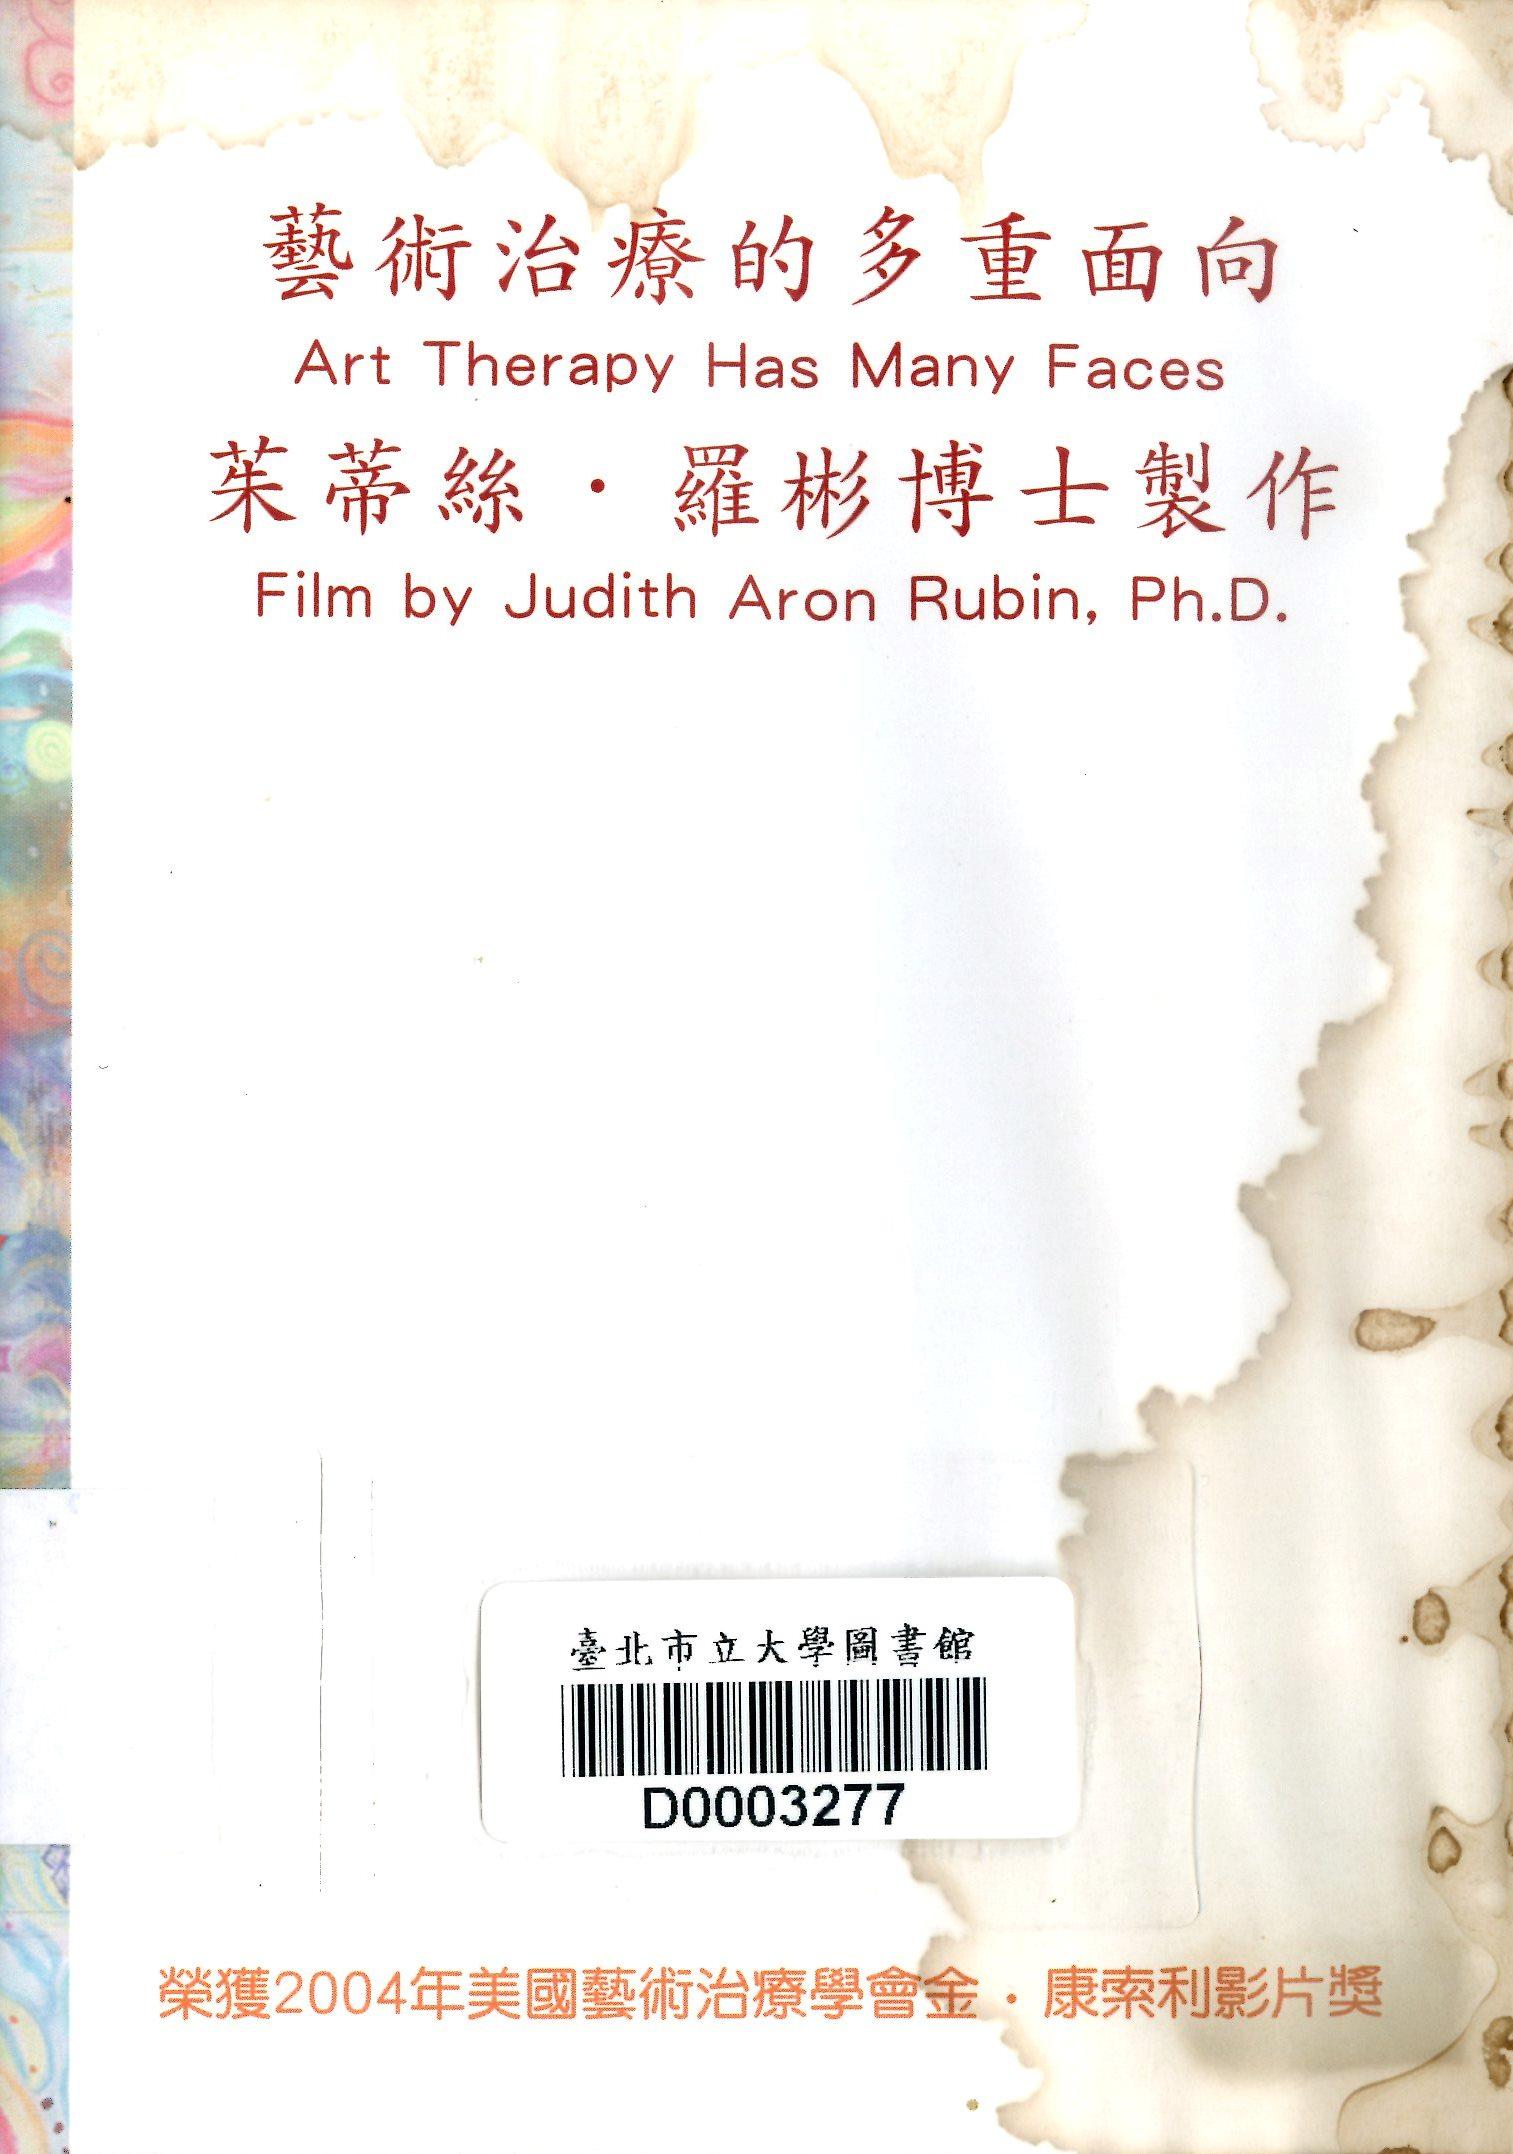 藝術治療的多重面向 = Art Therapy Has Many Faces /